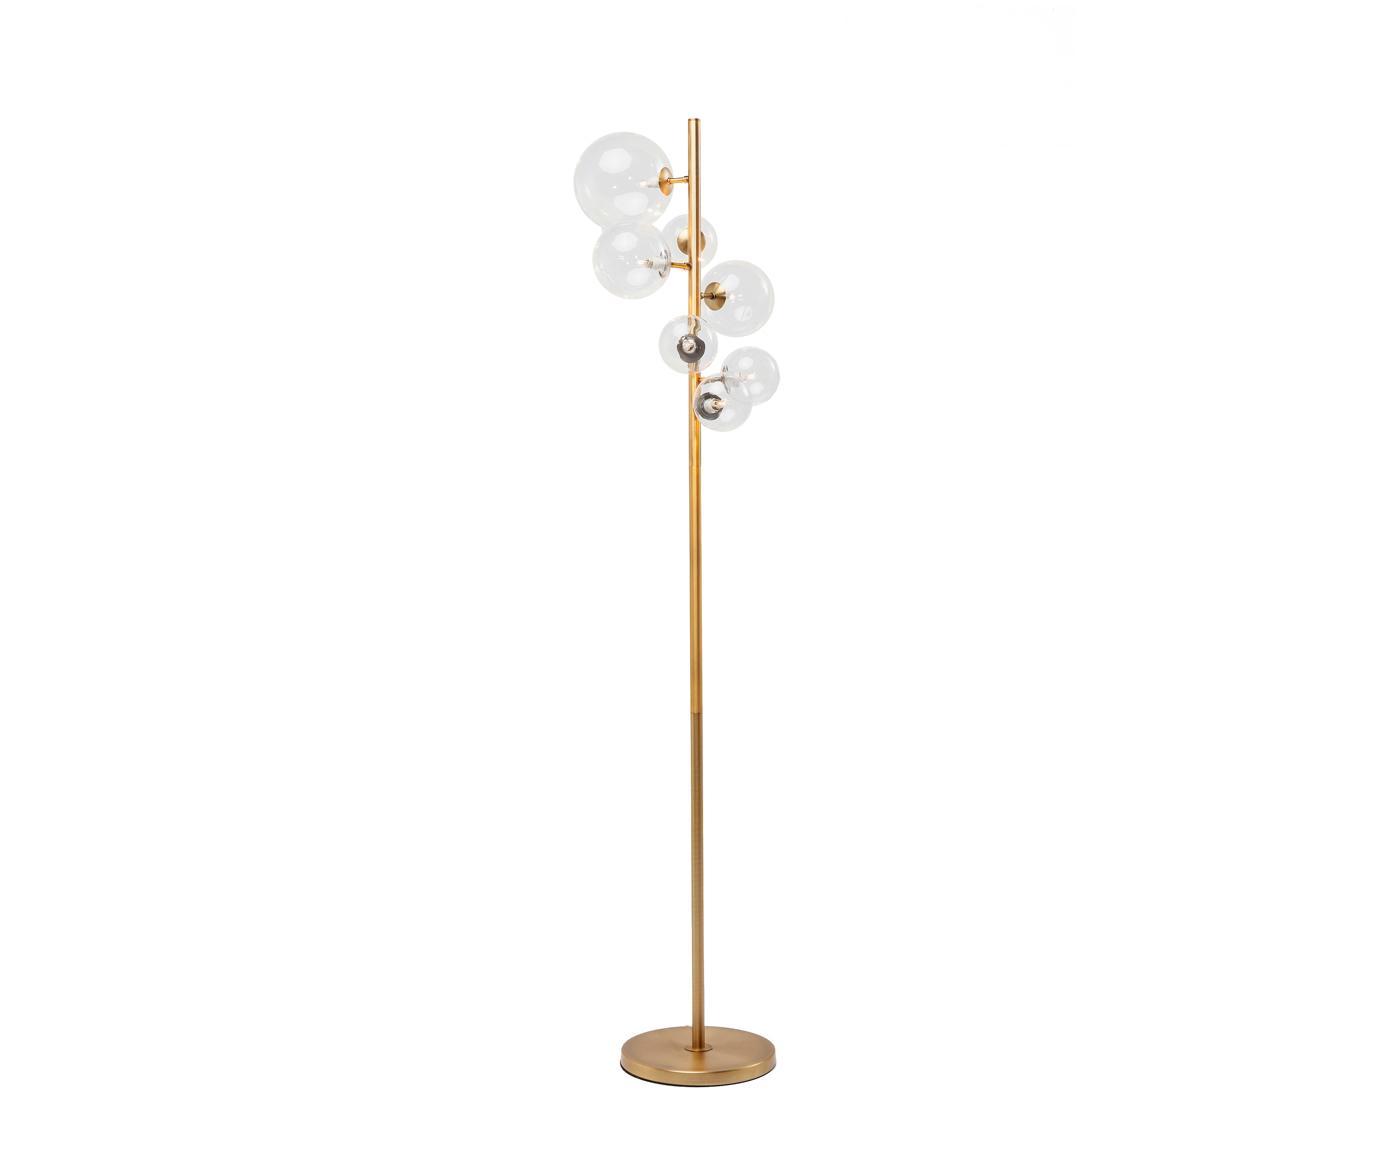 Stehlampe Bello Sette, mehrflammig, Lampenschirme: TransparentFassungen: WeissLampenfuss: Messing, 42 x 162 cm